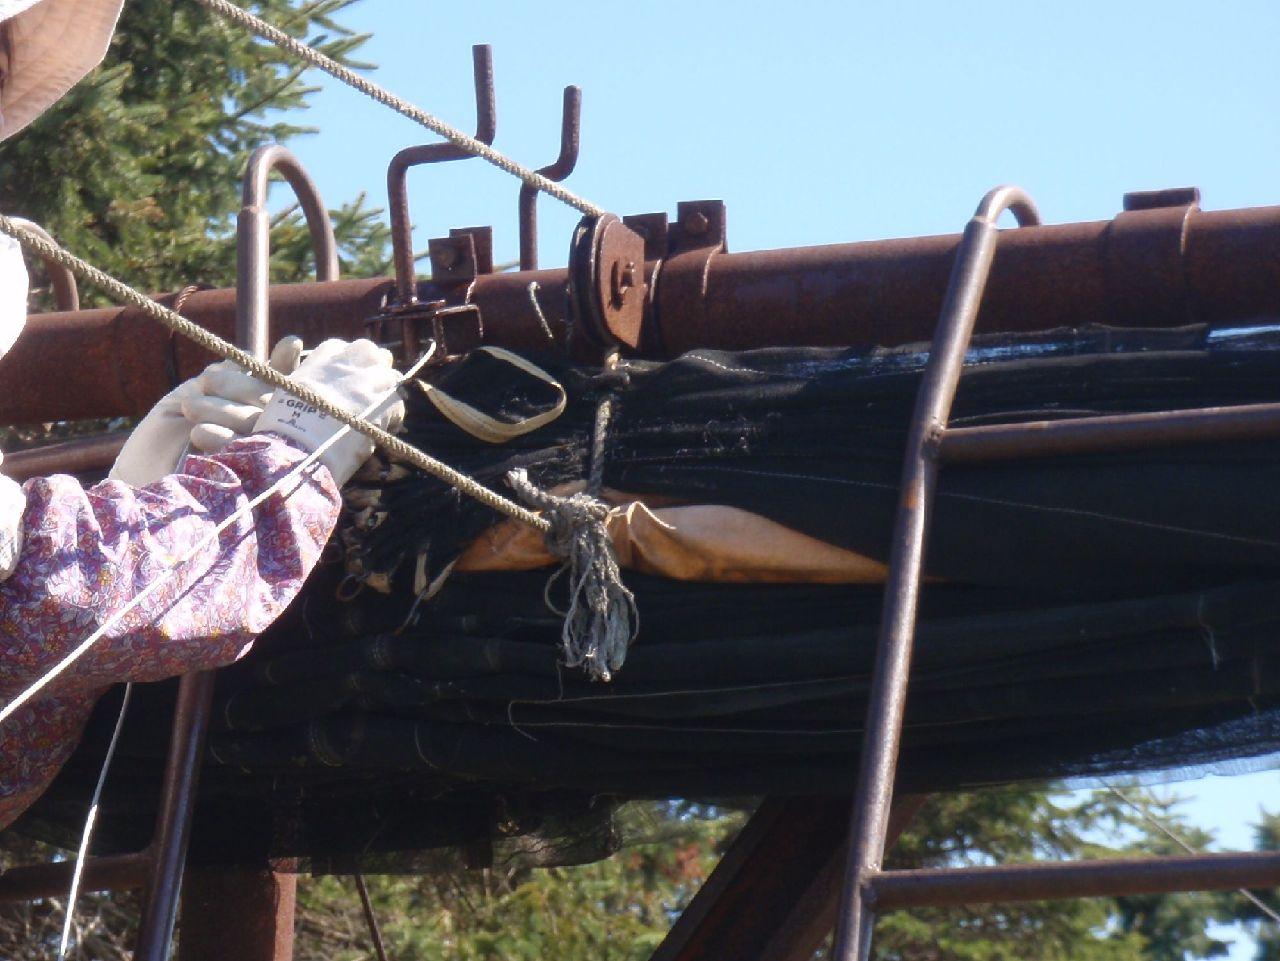 滑車の軸にワイヤーを通す。